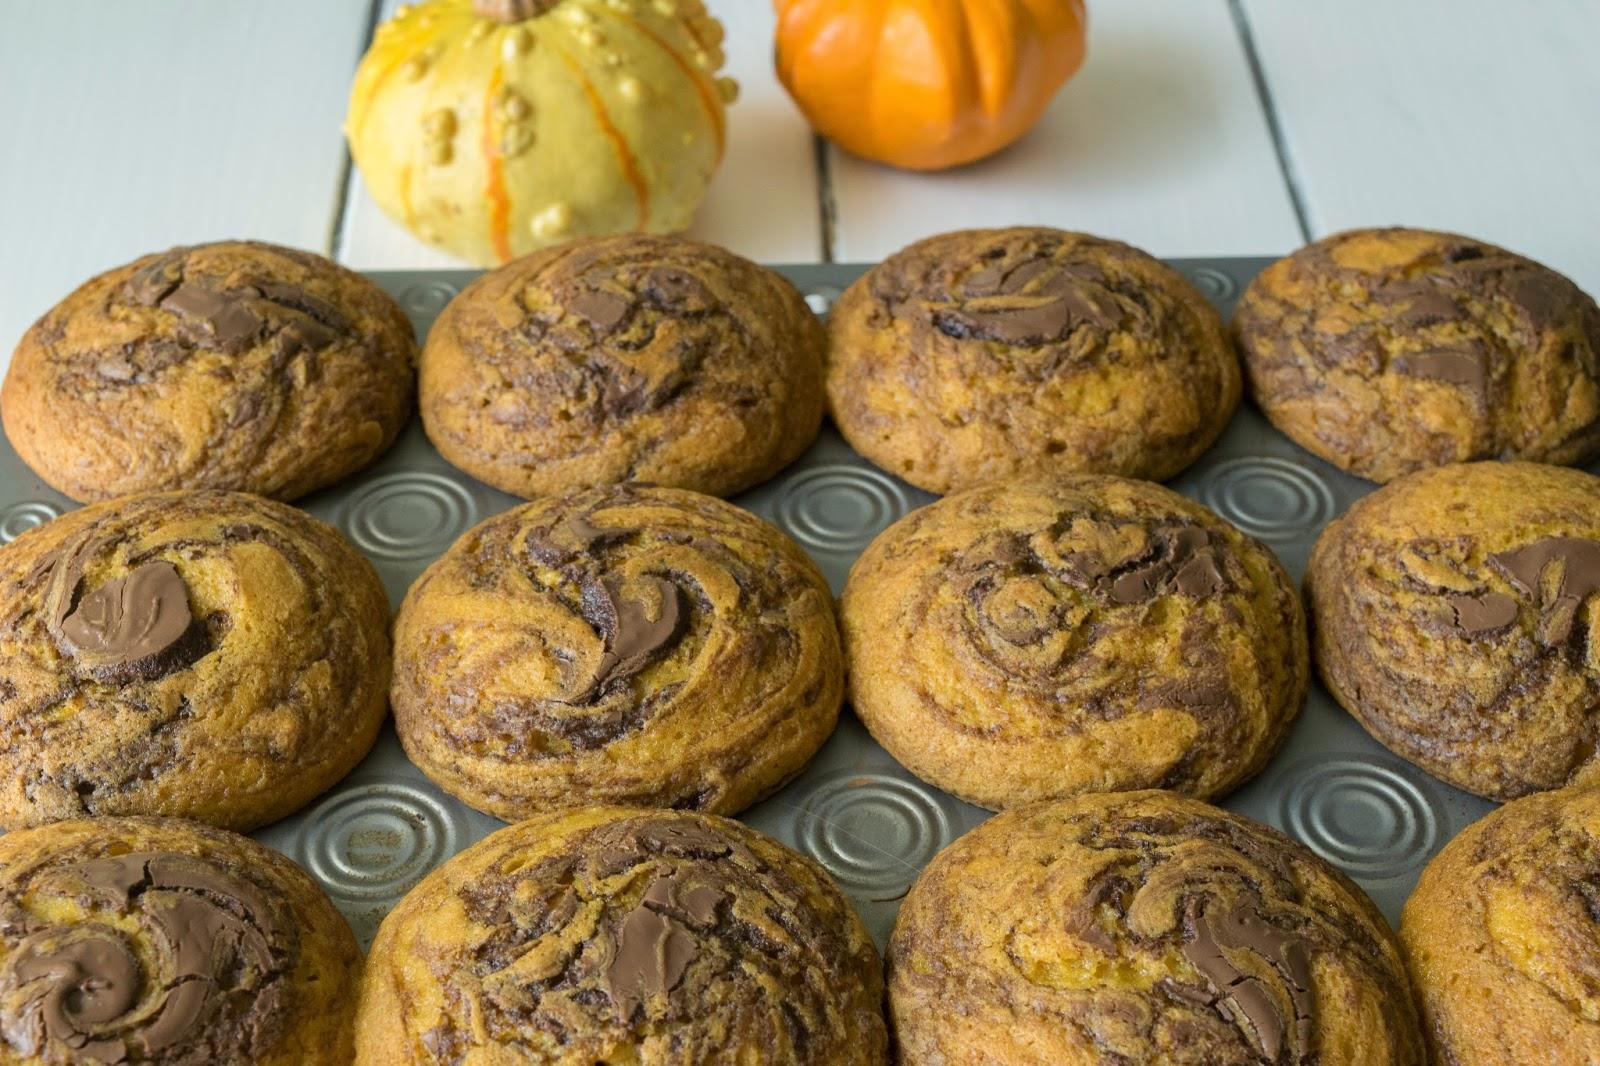 Pumpkin%2Bchocolate%2Bswirl%2Bmuffins13.jpg